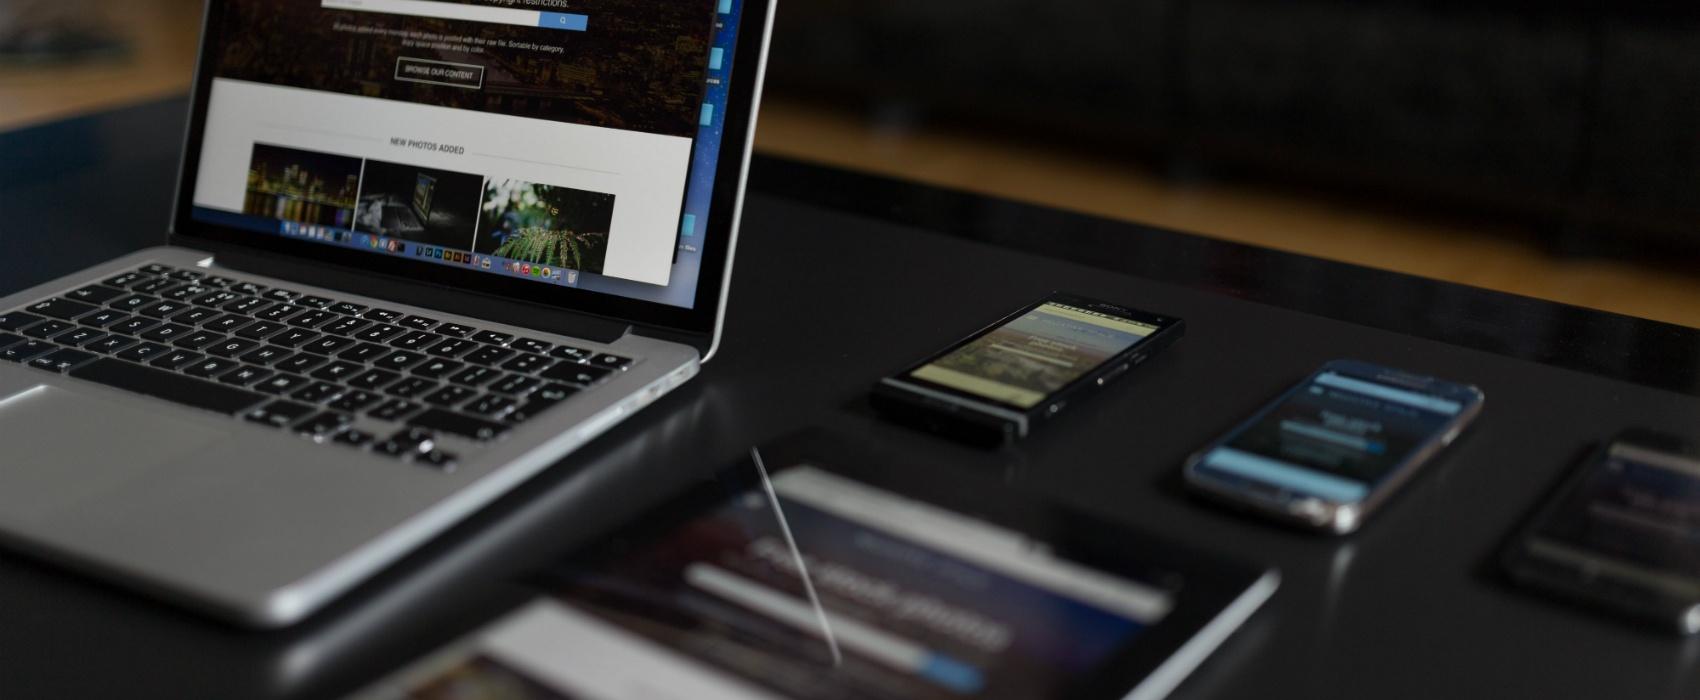 macbook tablet smartphone